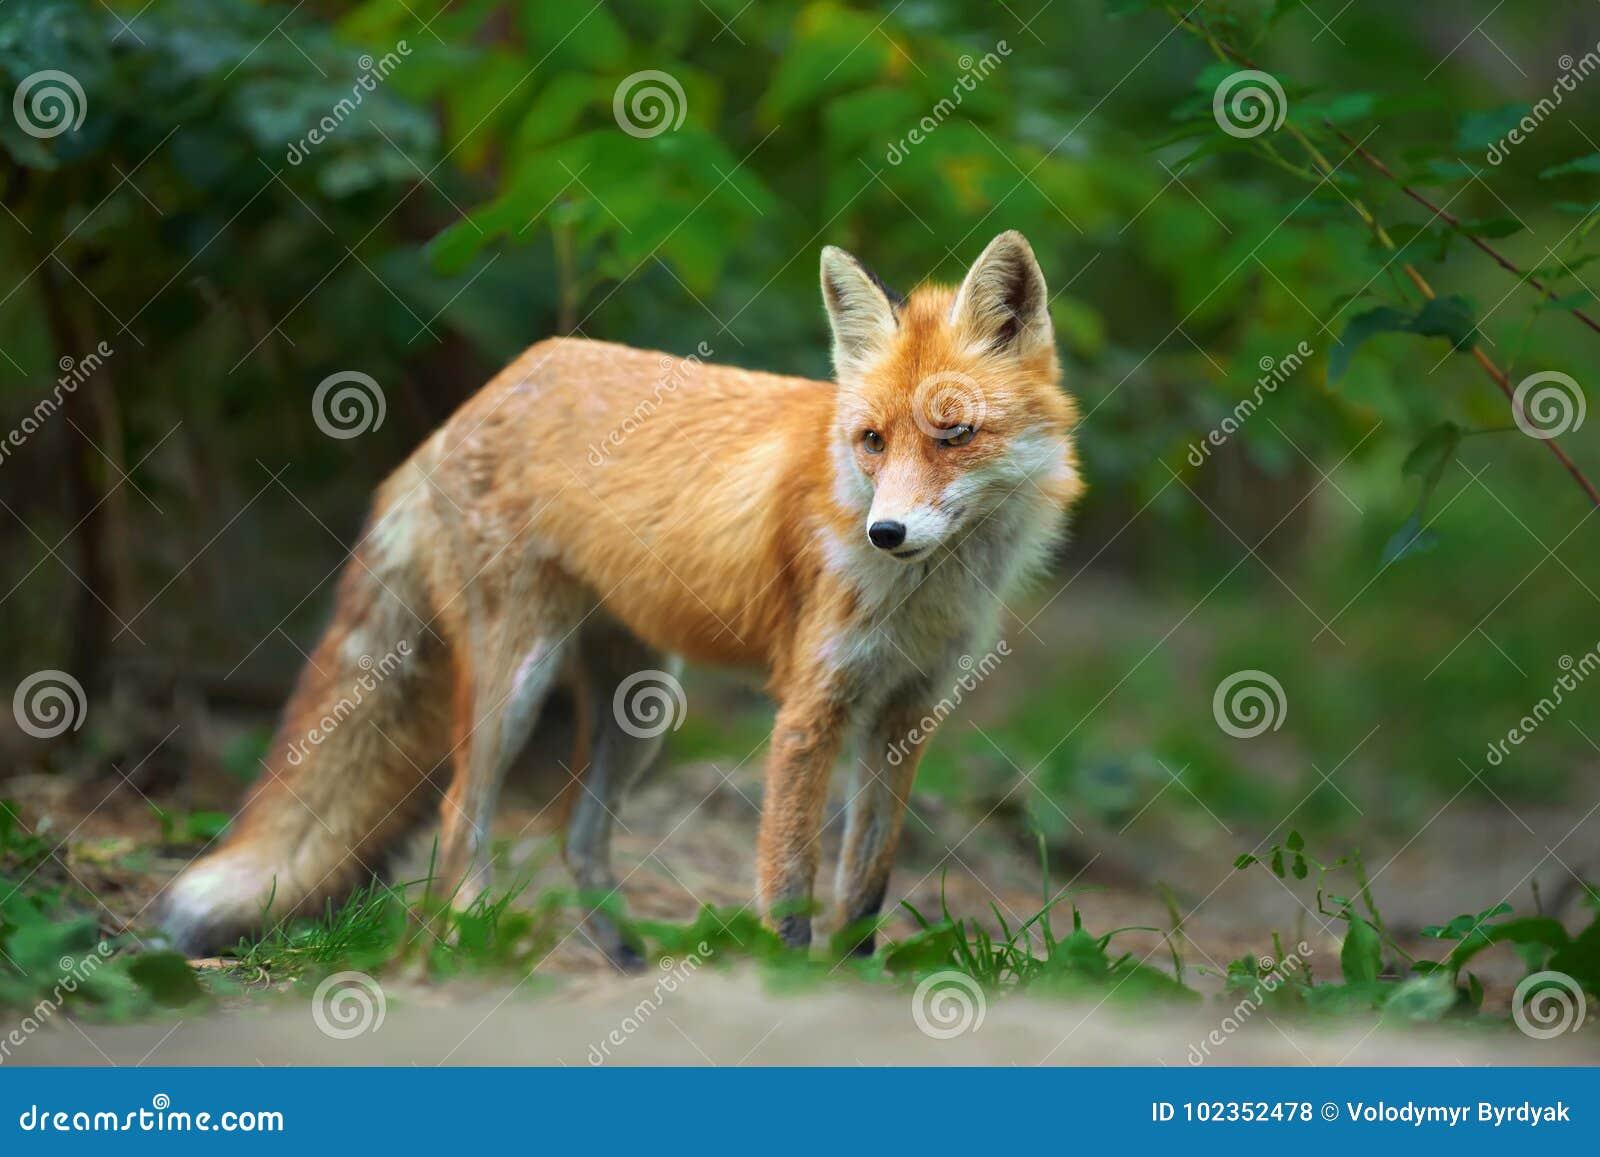 一只镍耐热铜狐狸狐狸的画象